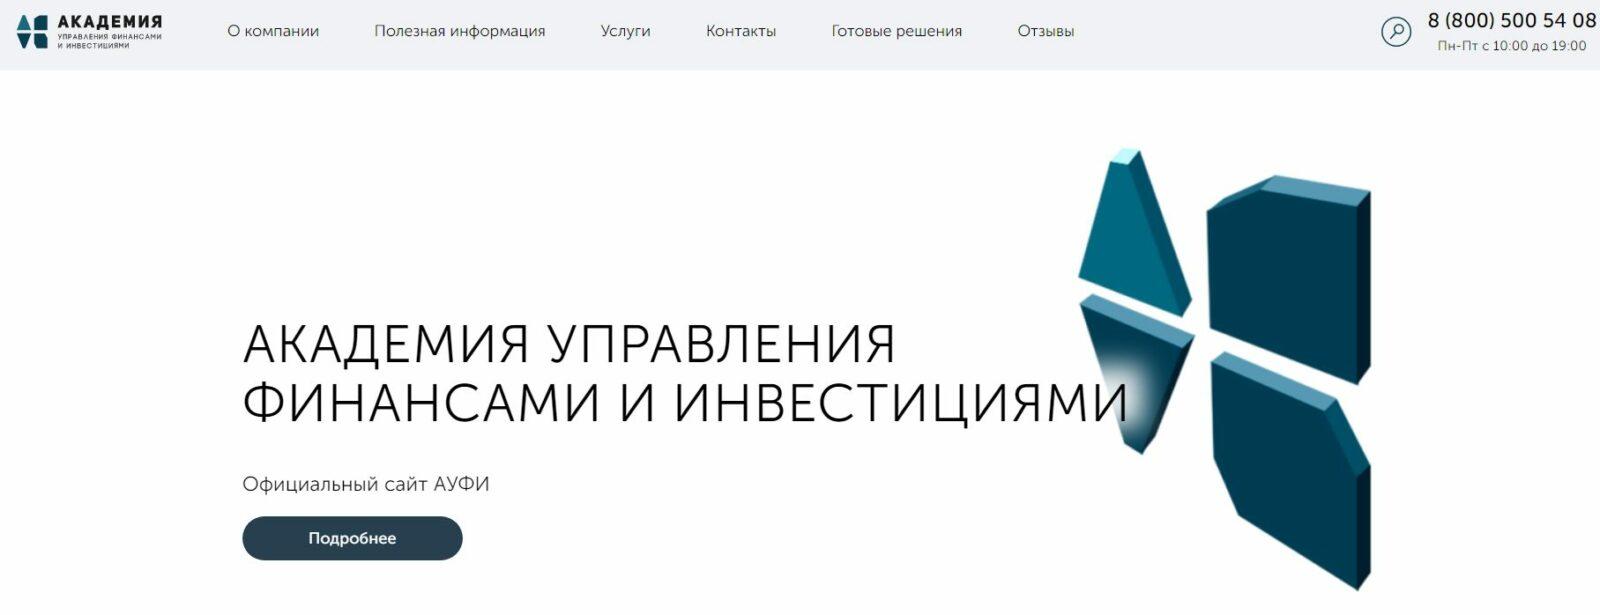 Сайт Академии Управления Финансами и Инвестициями